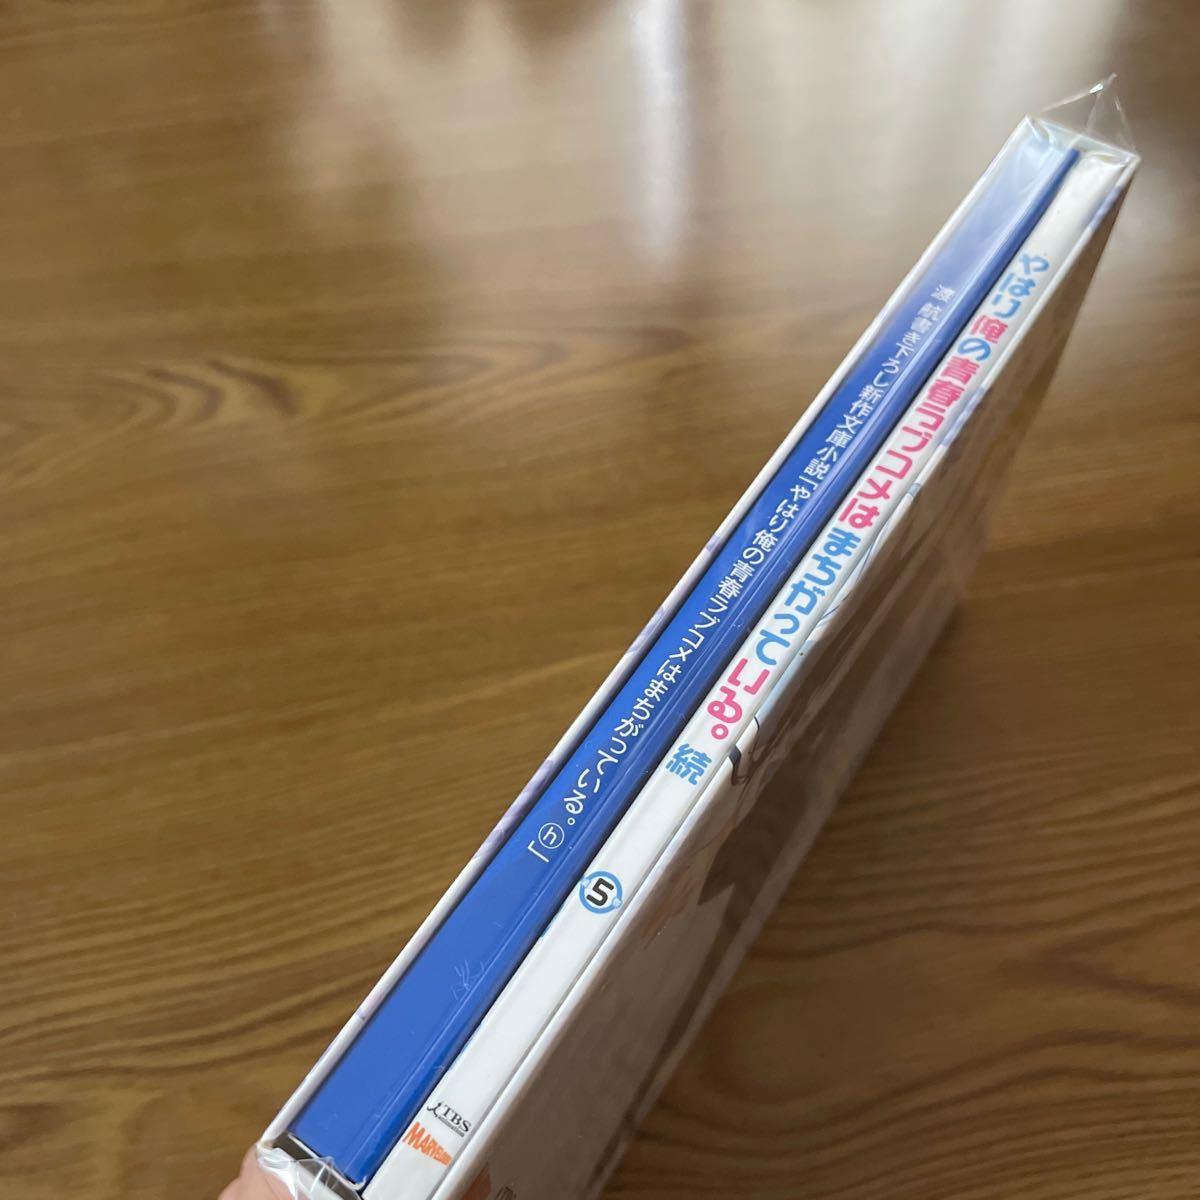 値下げ  -続-やはり俺の青春ラブコメはまちがっている DVD 5巻